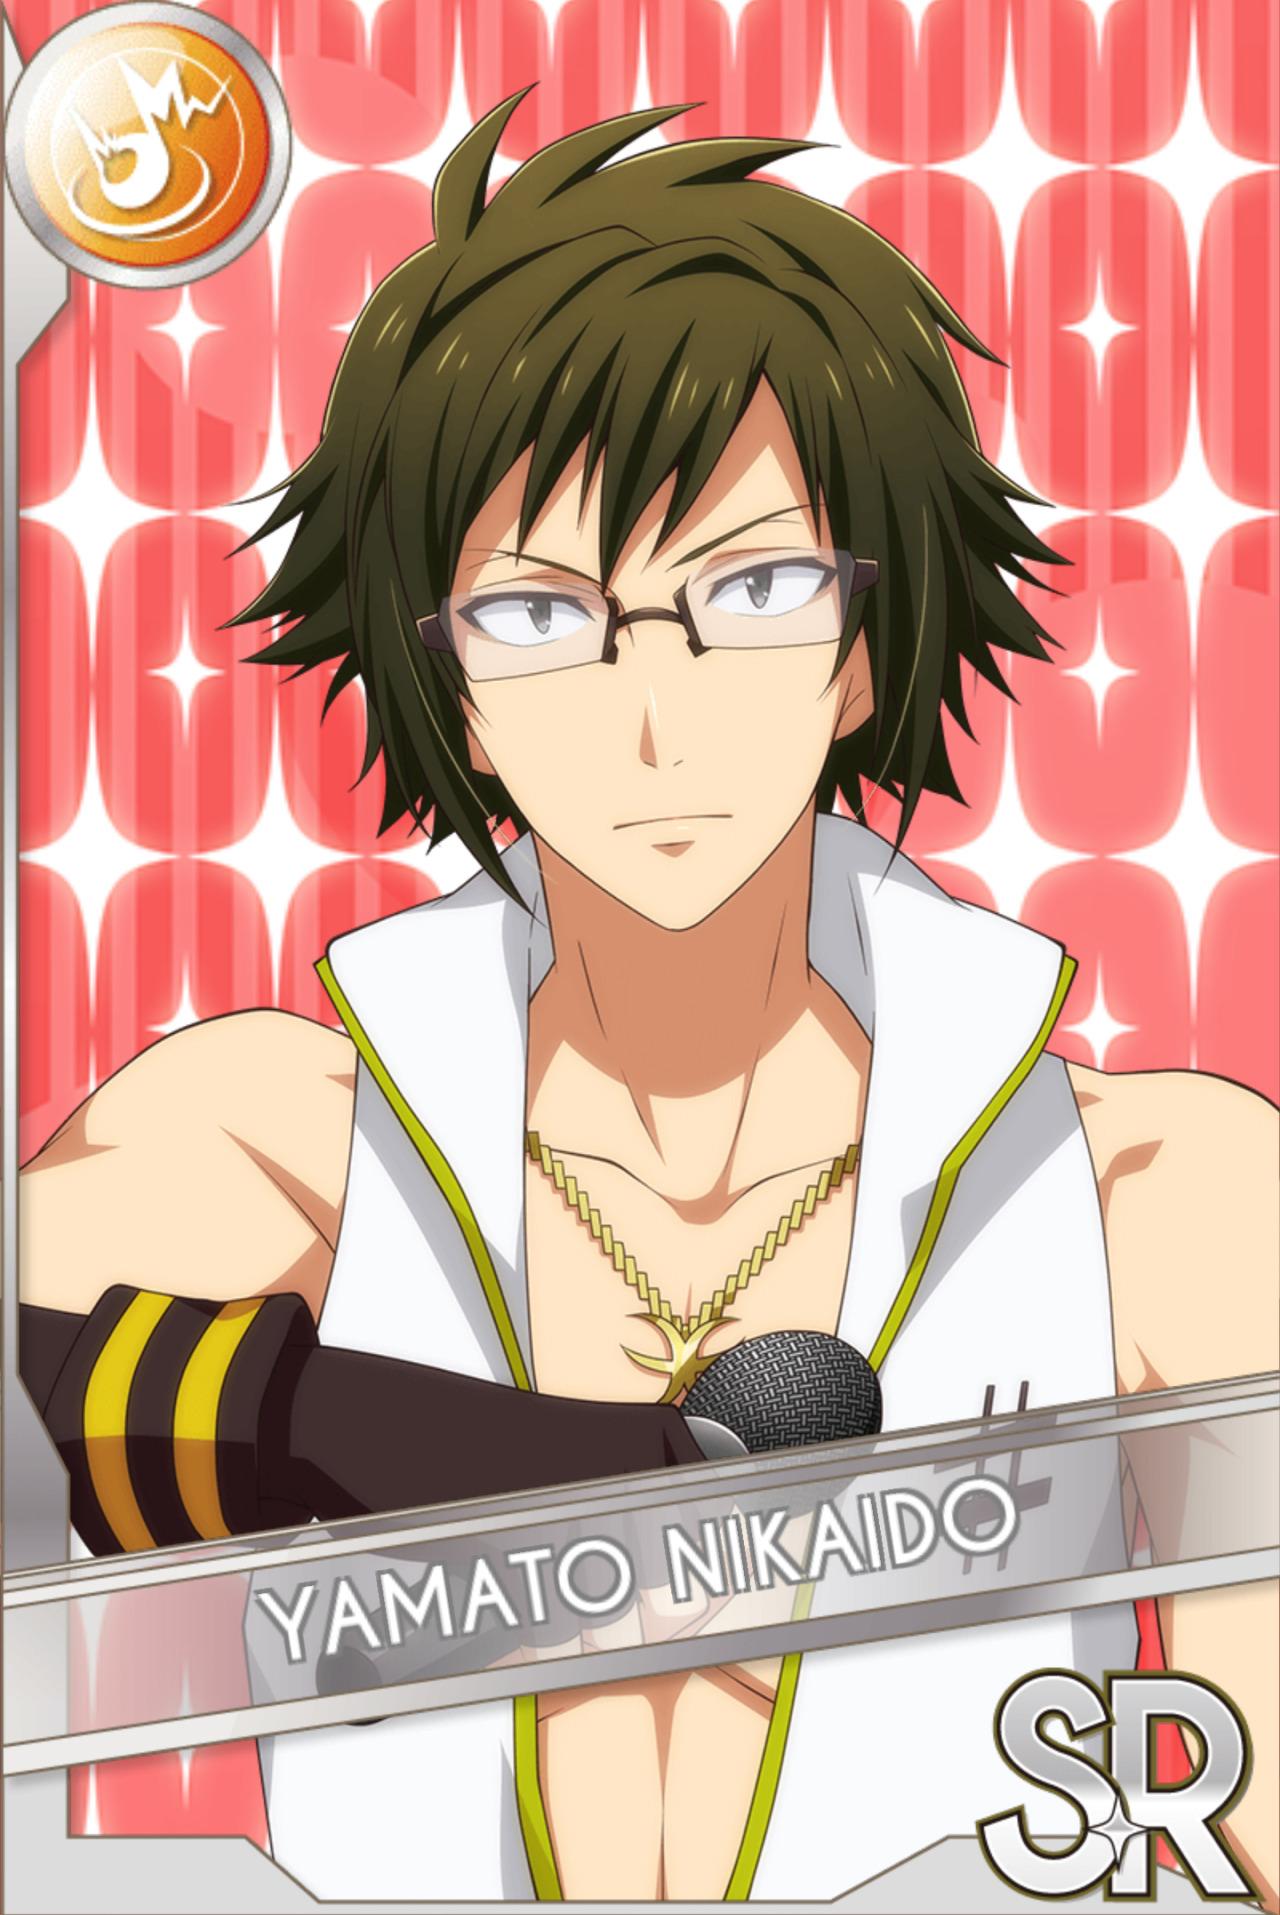 Yamato Nikaido (End-of-Year Live)